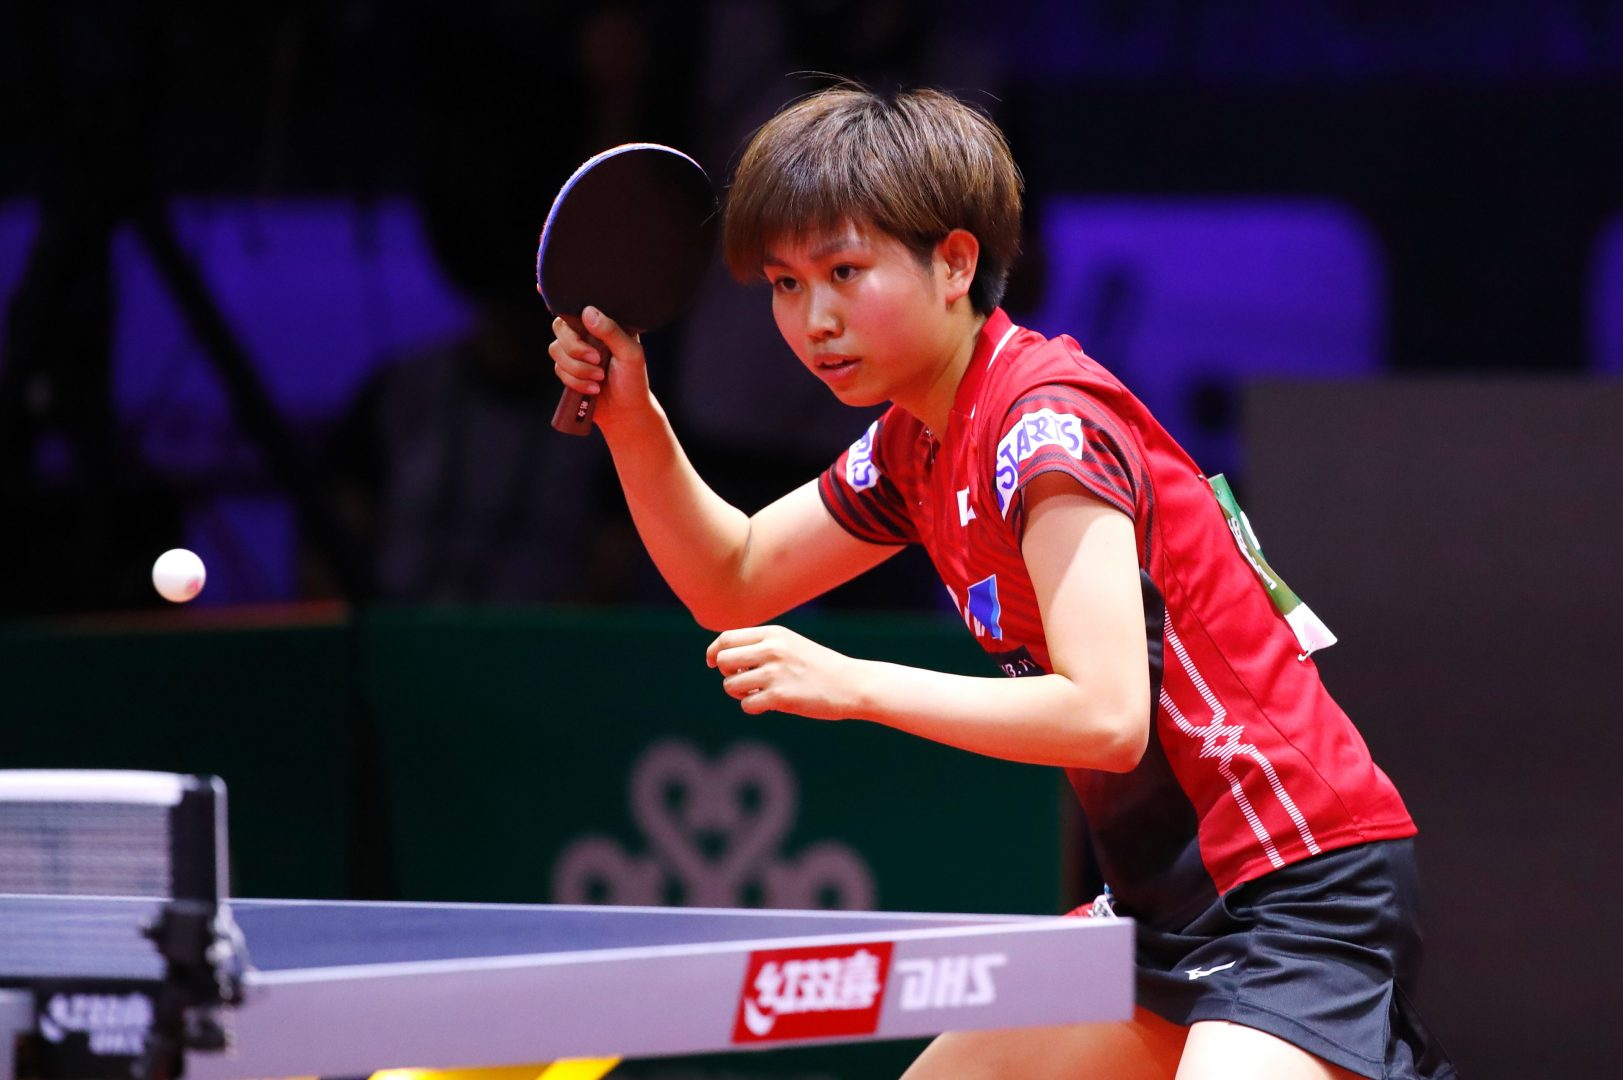 【卓球】佐藤瞳、中国に肉薄 複でメダル獲りへ<世界卓球2019>